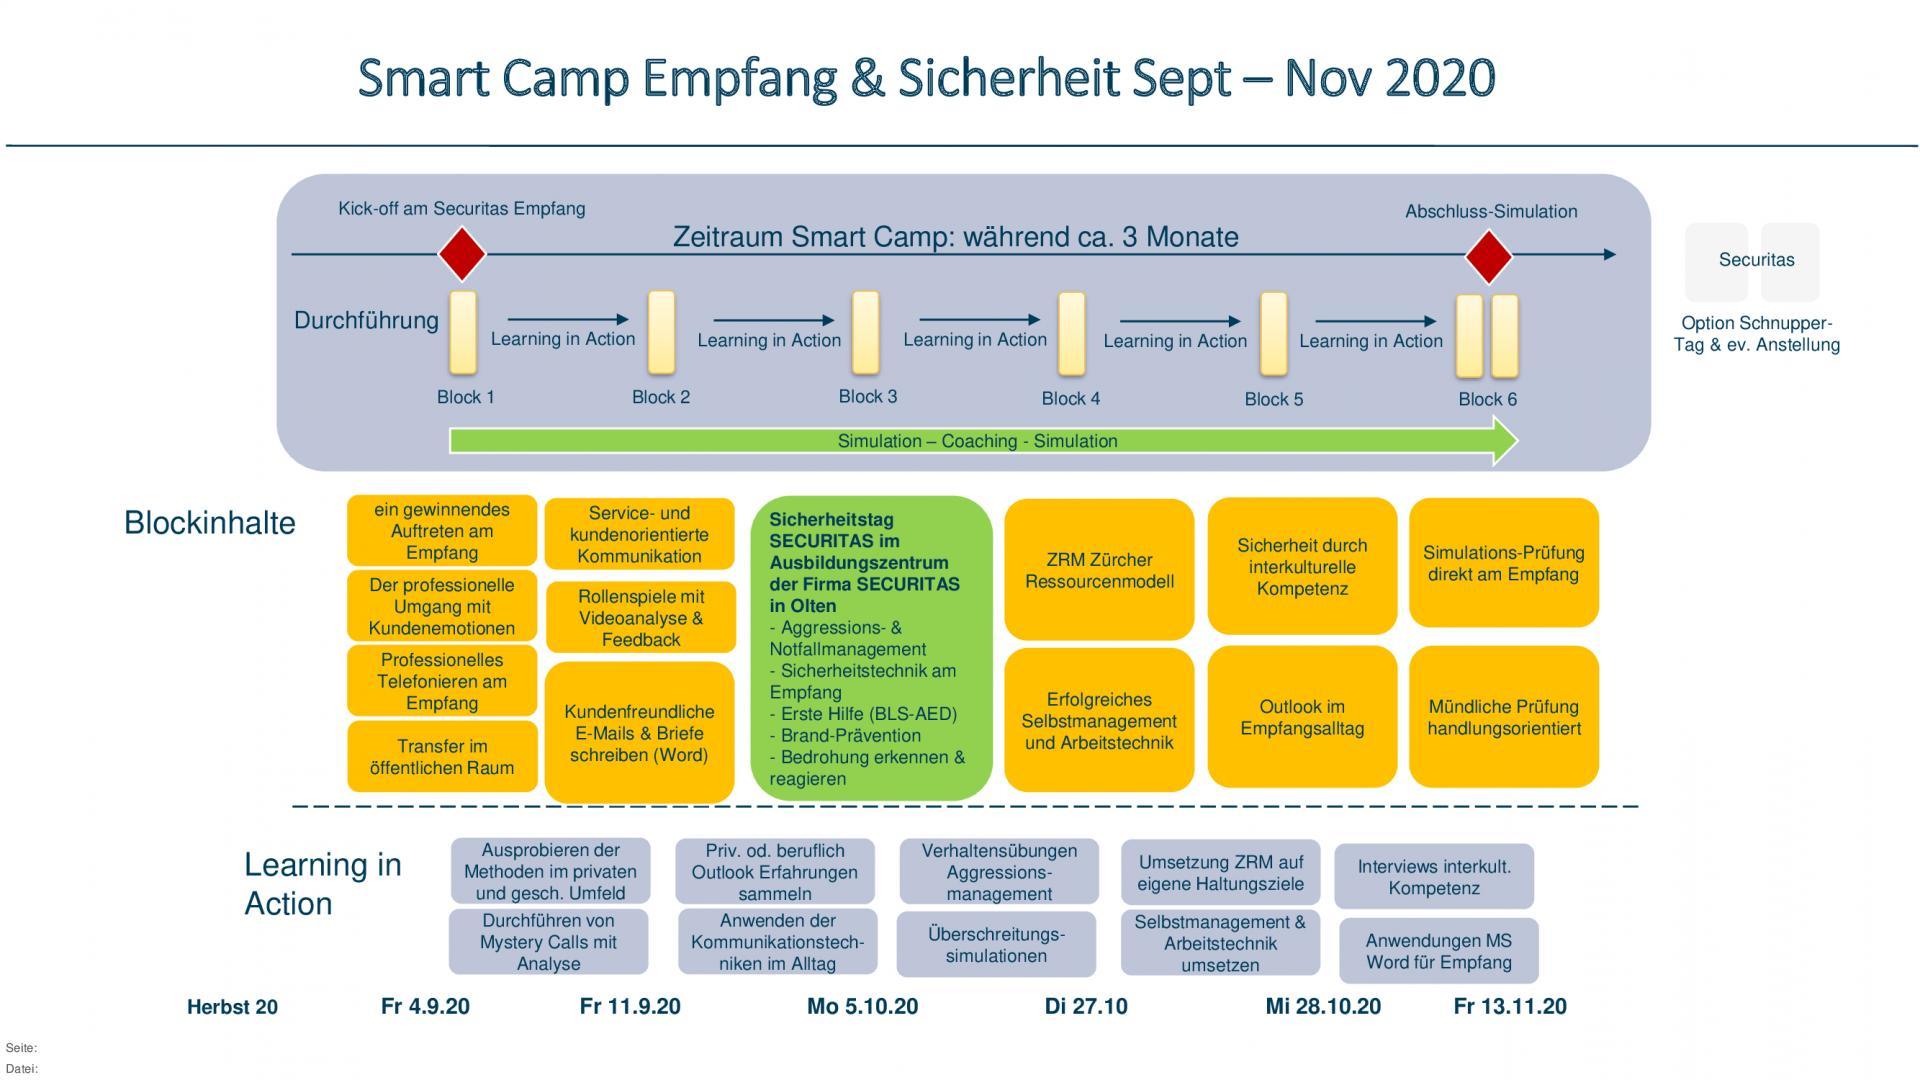 Ablauf-SmartCamp-Emfpang und Sicherheit